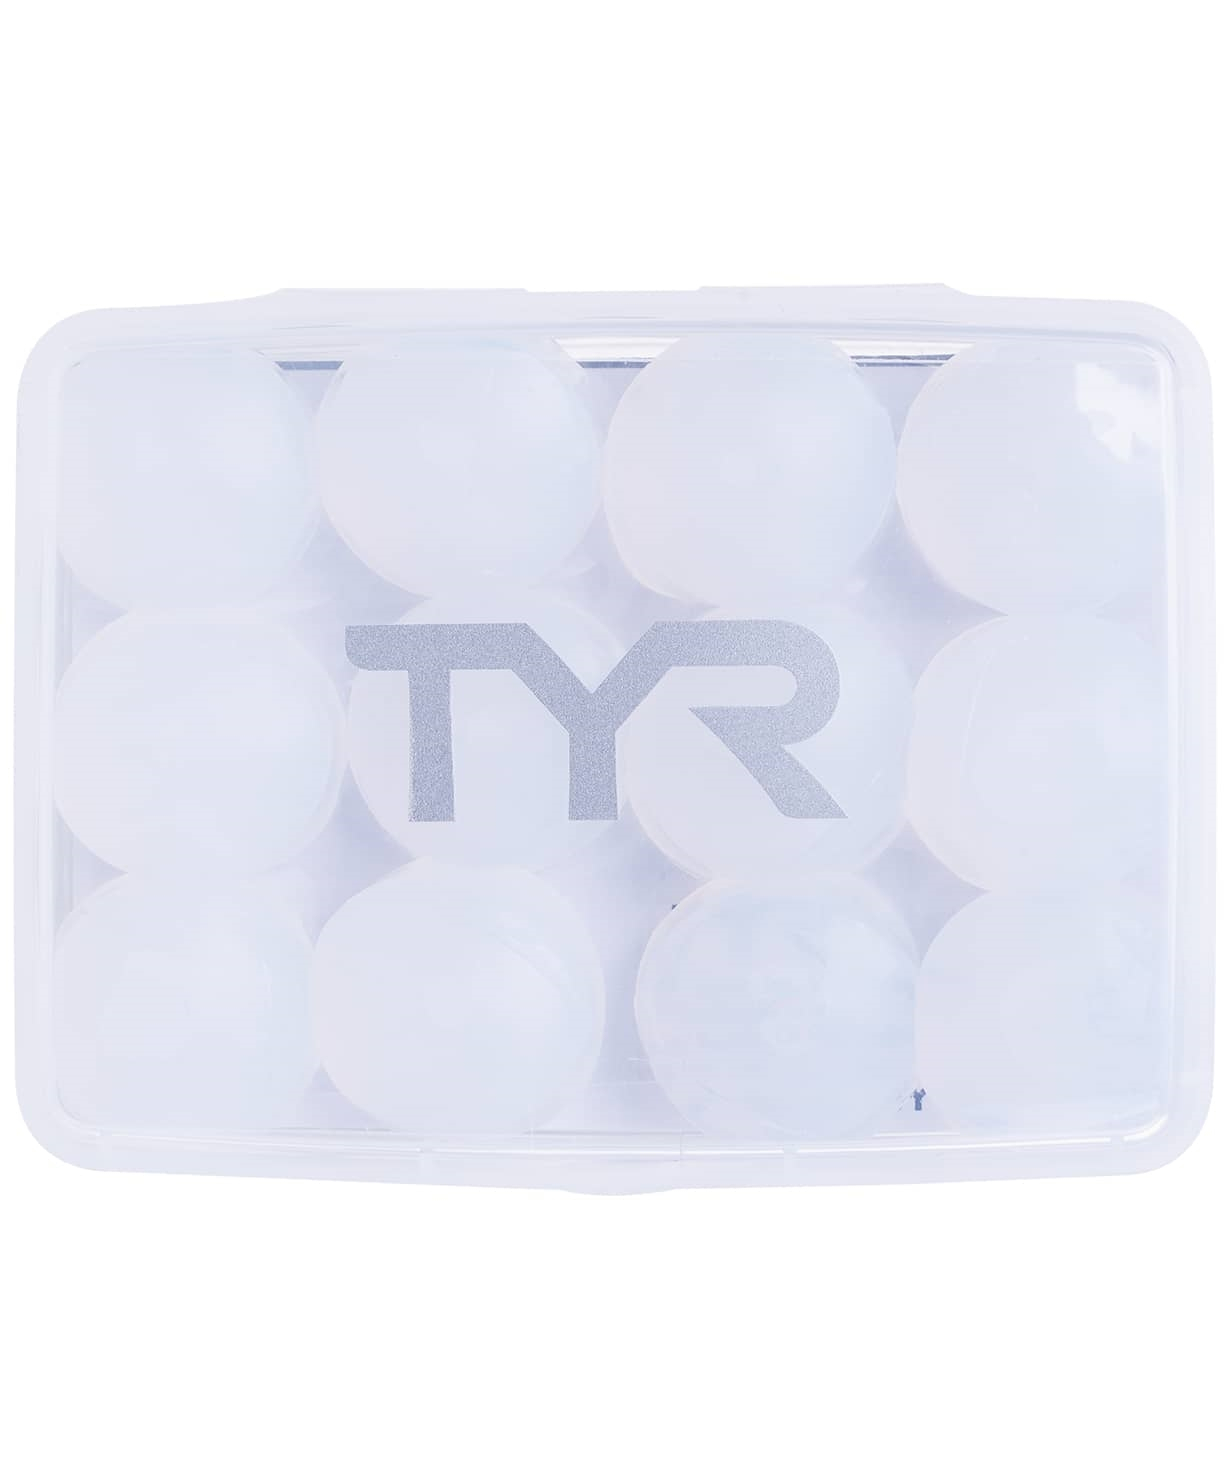 Беруши Soft Silicone Ear Plugs, LEP12PK/101, белый